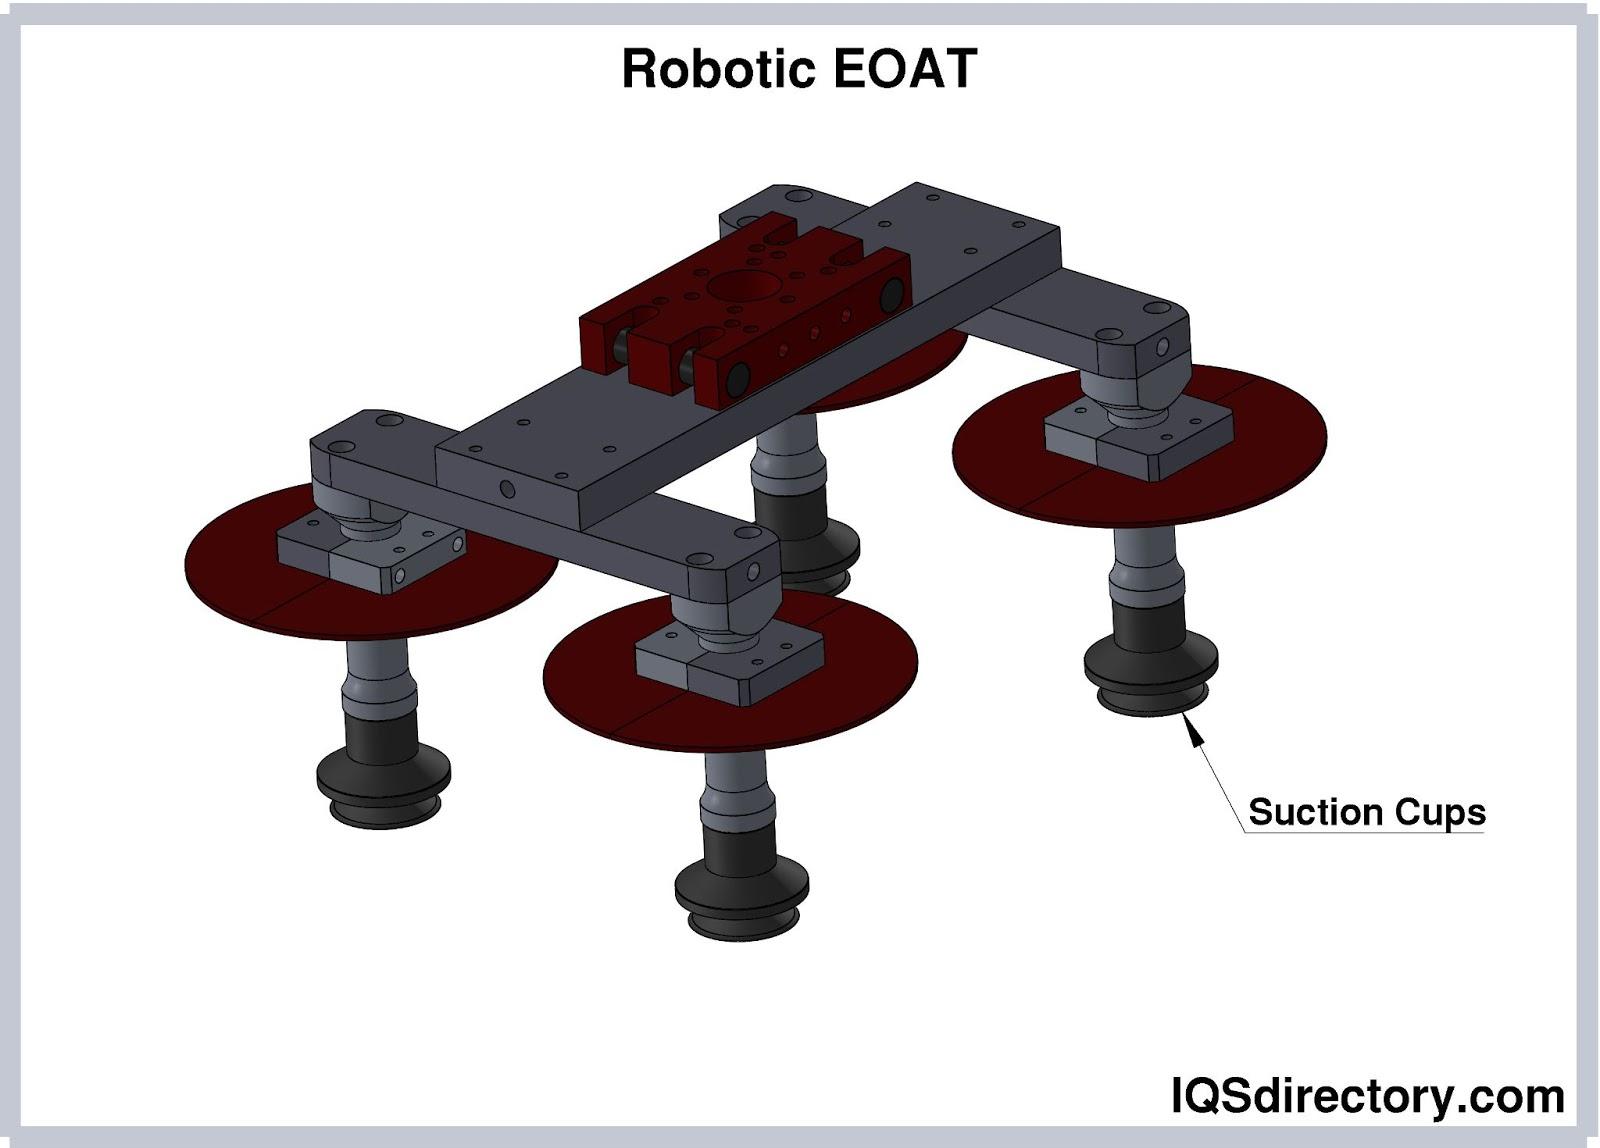 Robotic EOAT